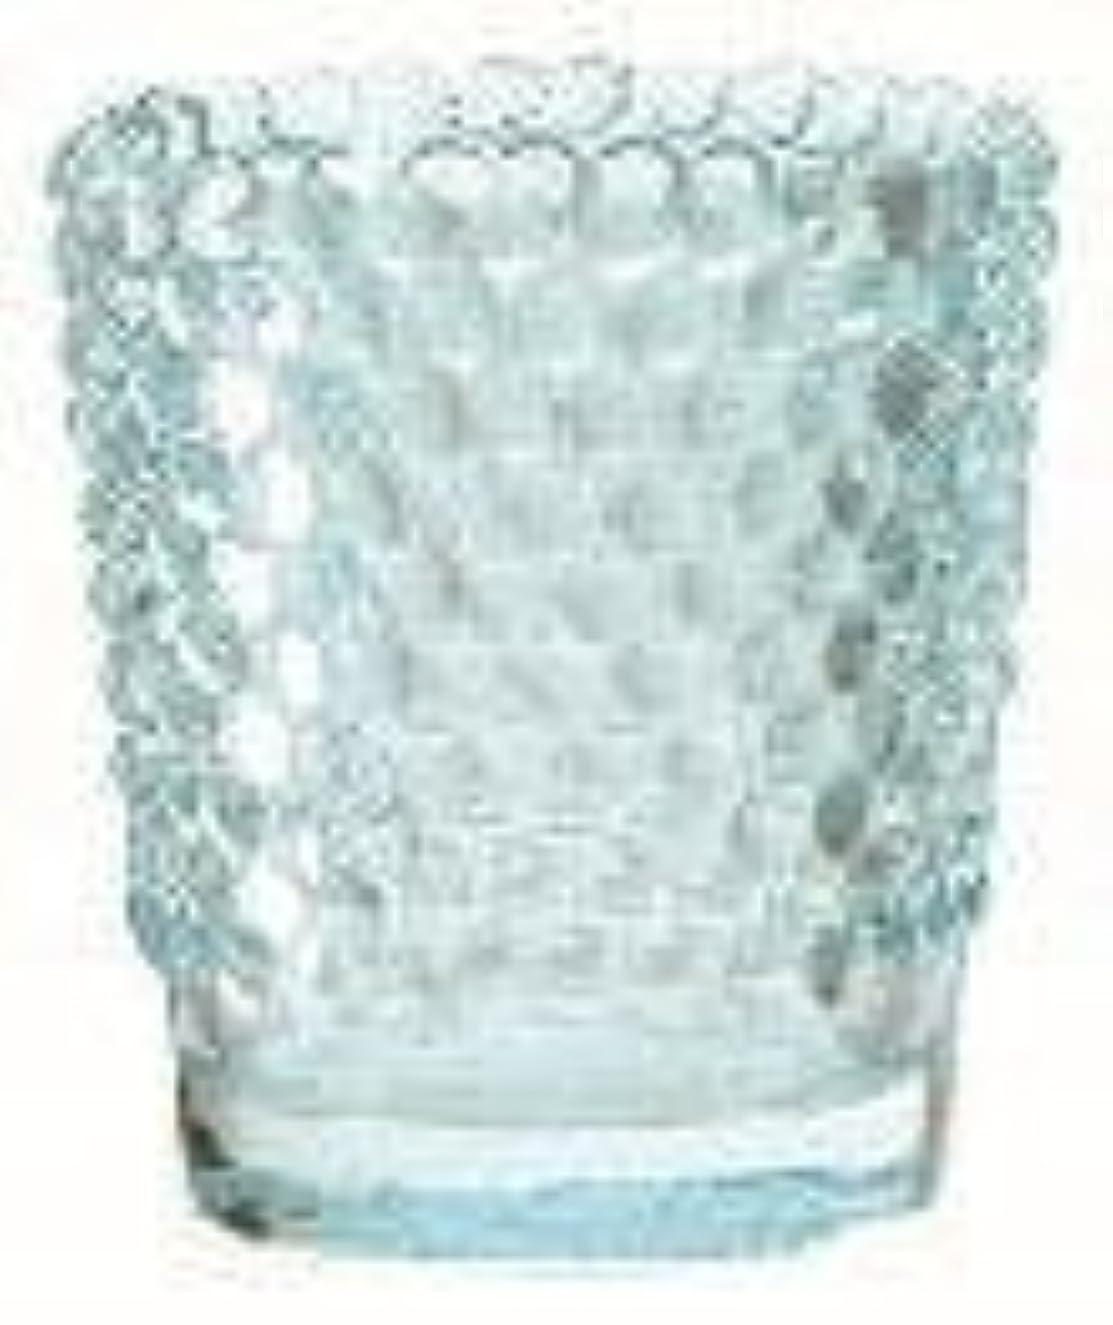 メンテナンスレーニン主義解放カメヤマキャンドル(kameyama candle) ホビネルグラス 「 サファイア 」6個セット